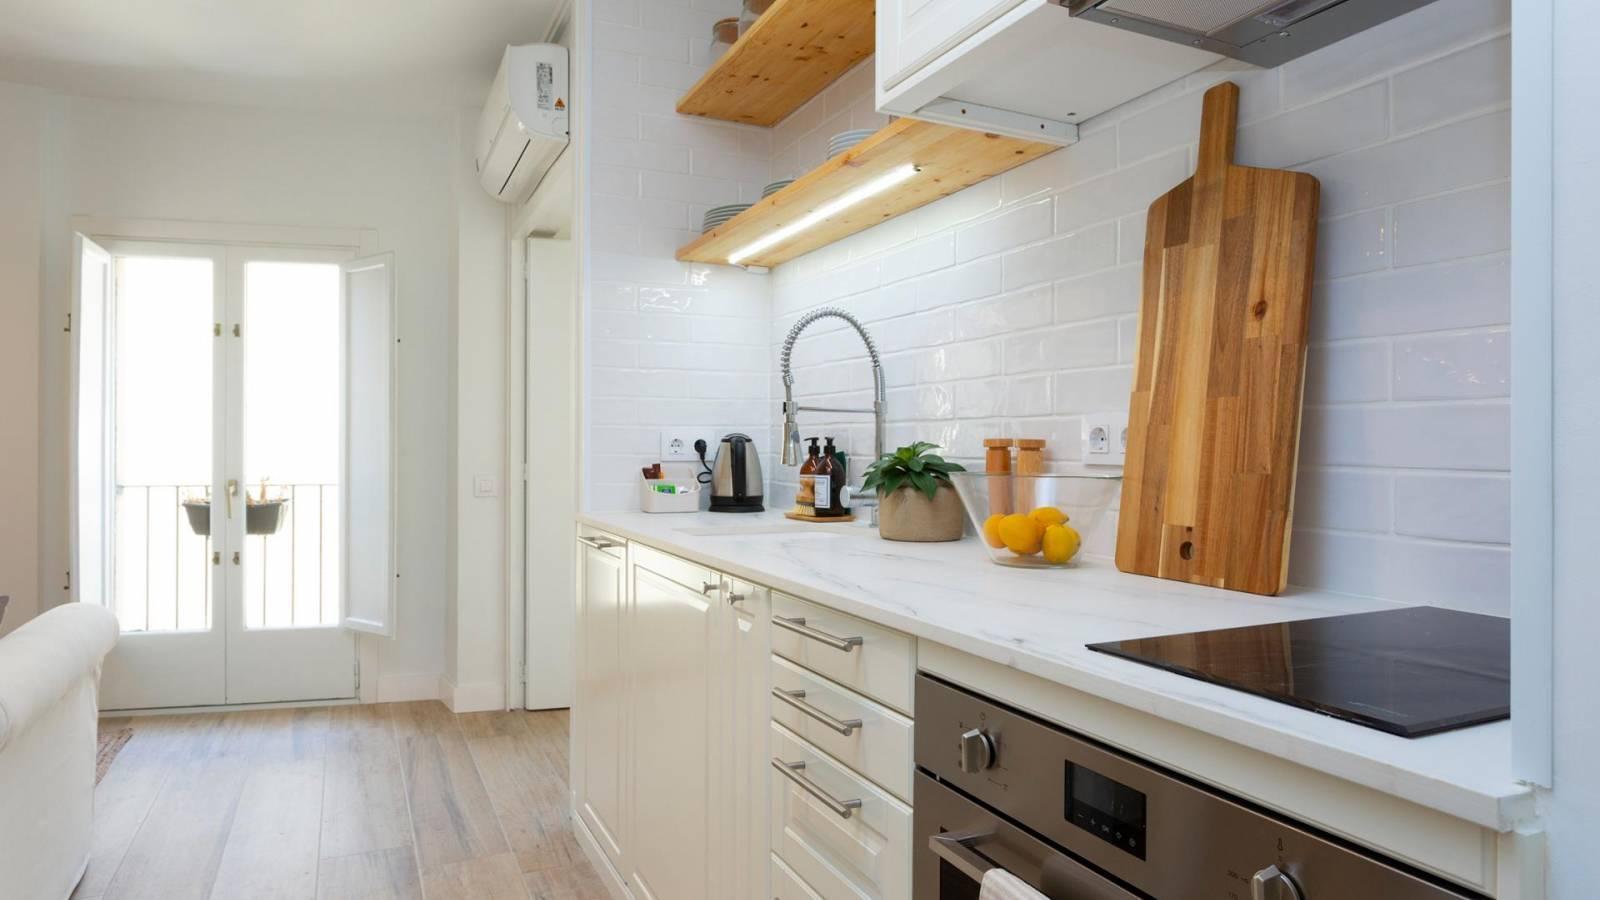 Cocina con estantes de madera  Descripción generada automáticamente